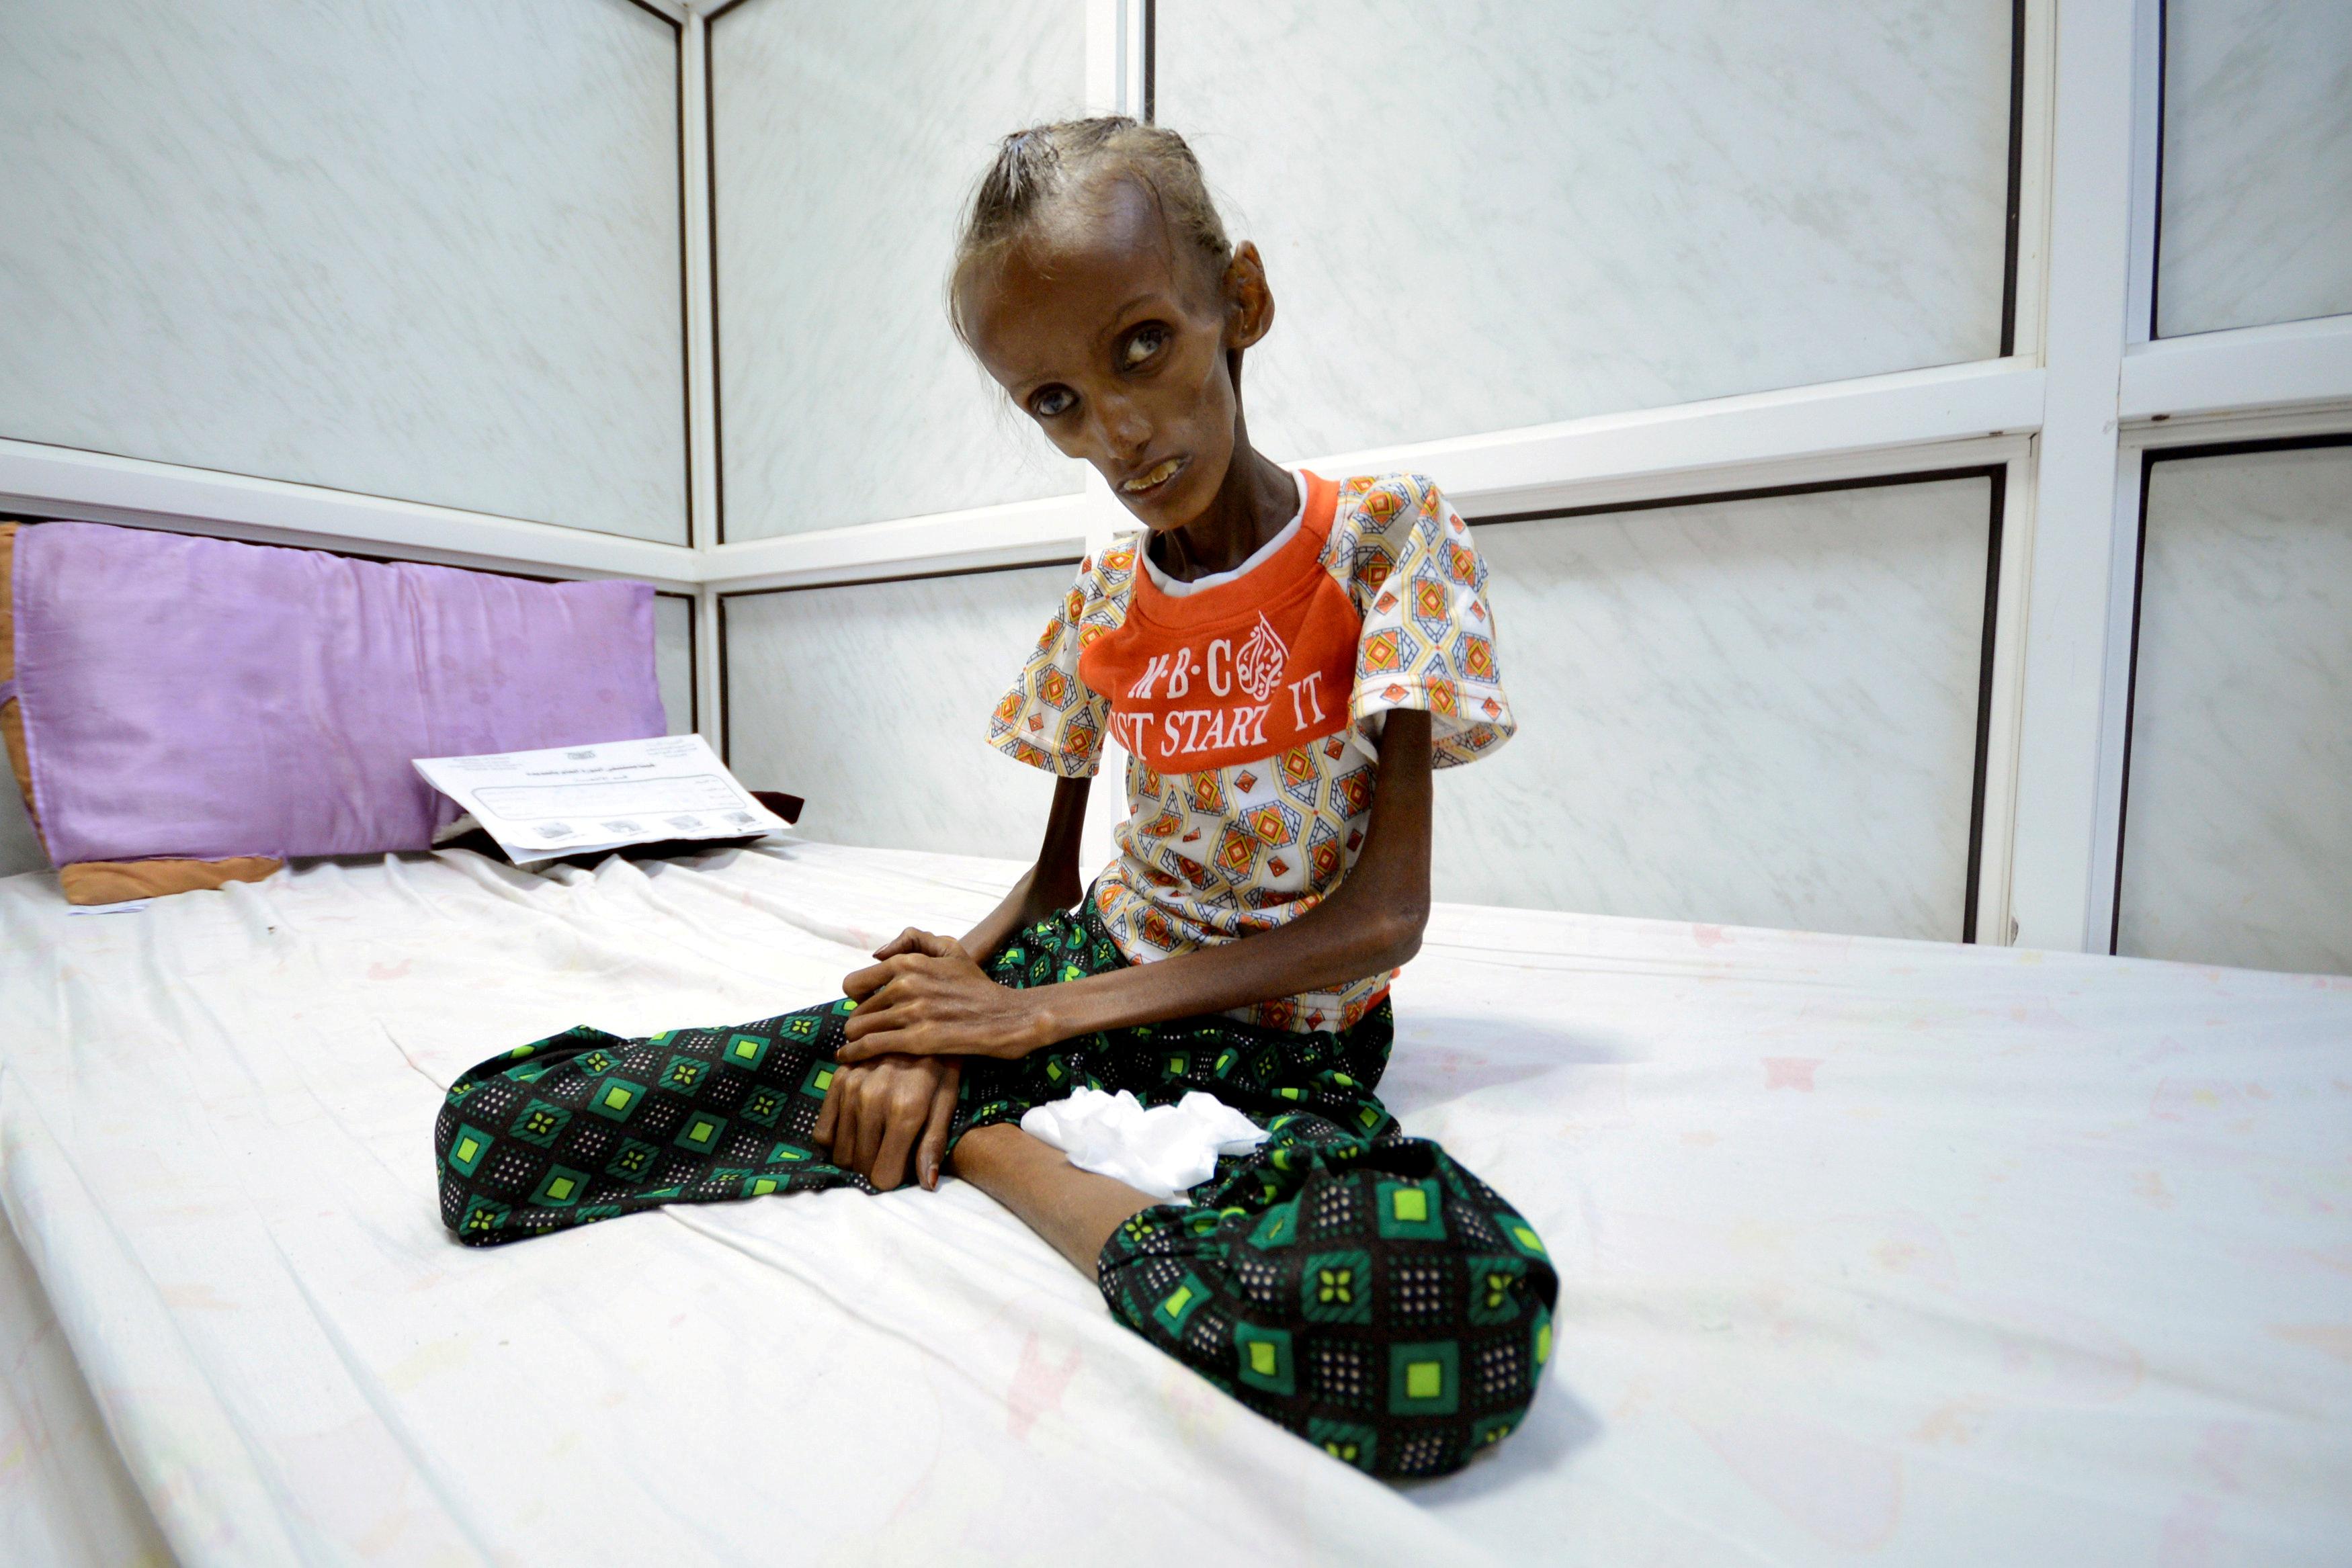 ブログ:体重11キロから奇跡の回復、イエメン少女の希望と不安 | Reuters